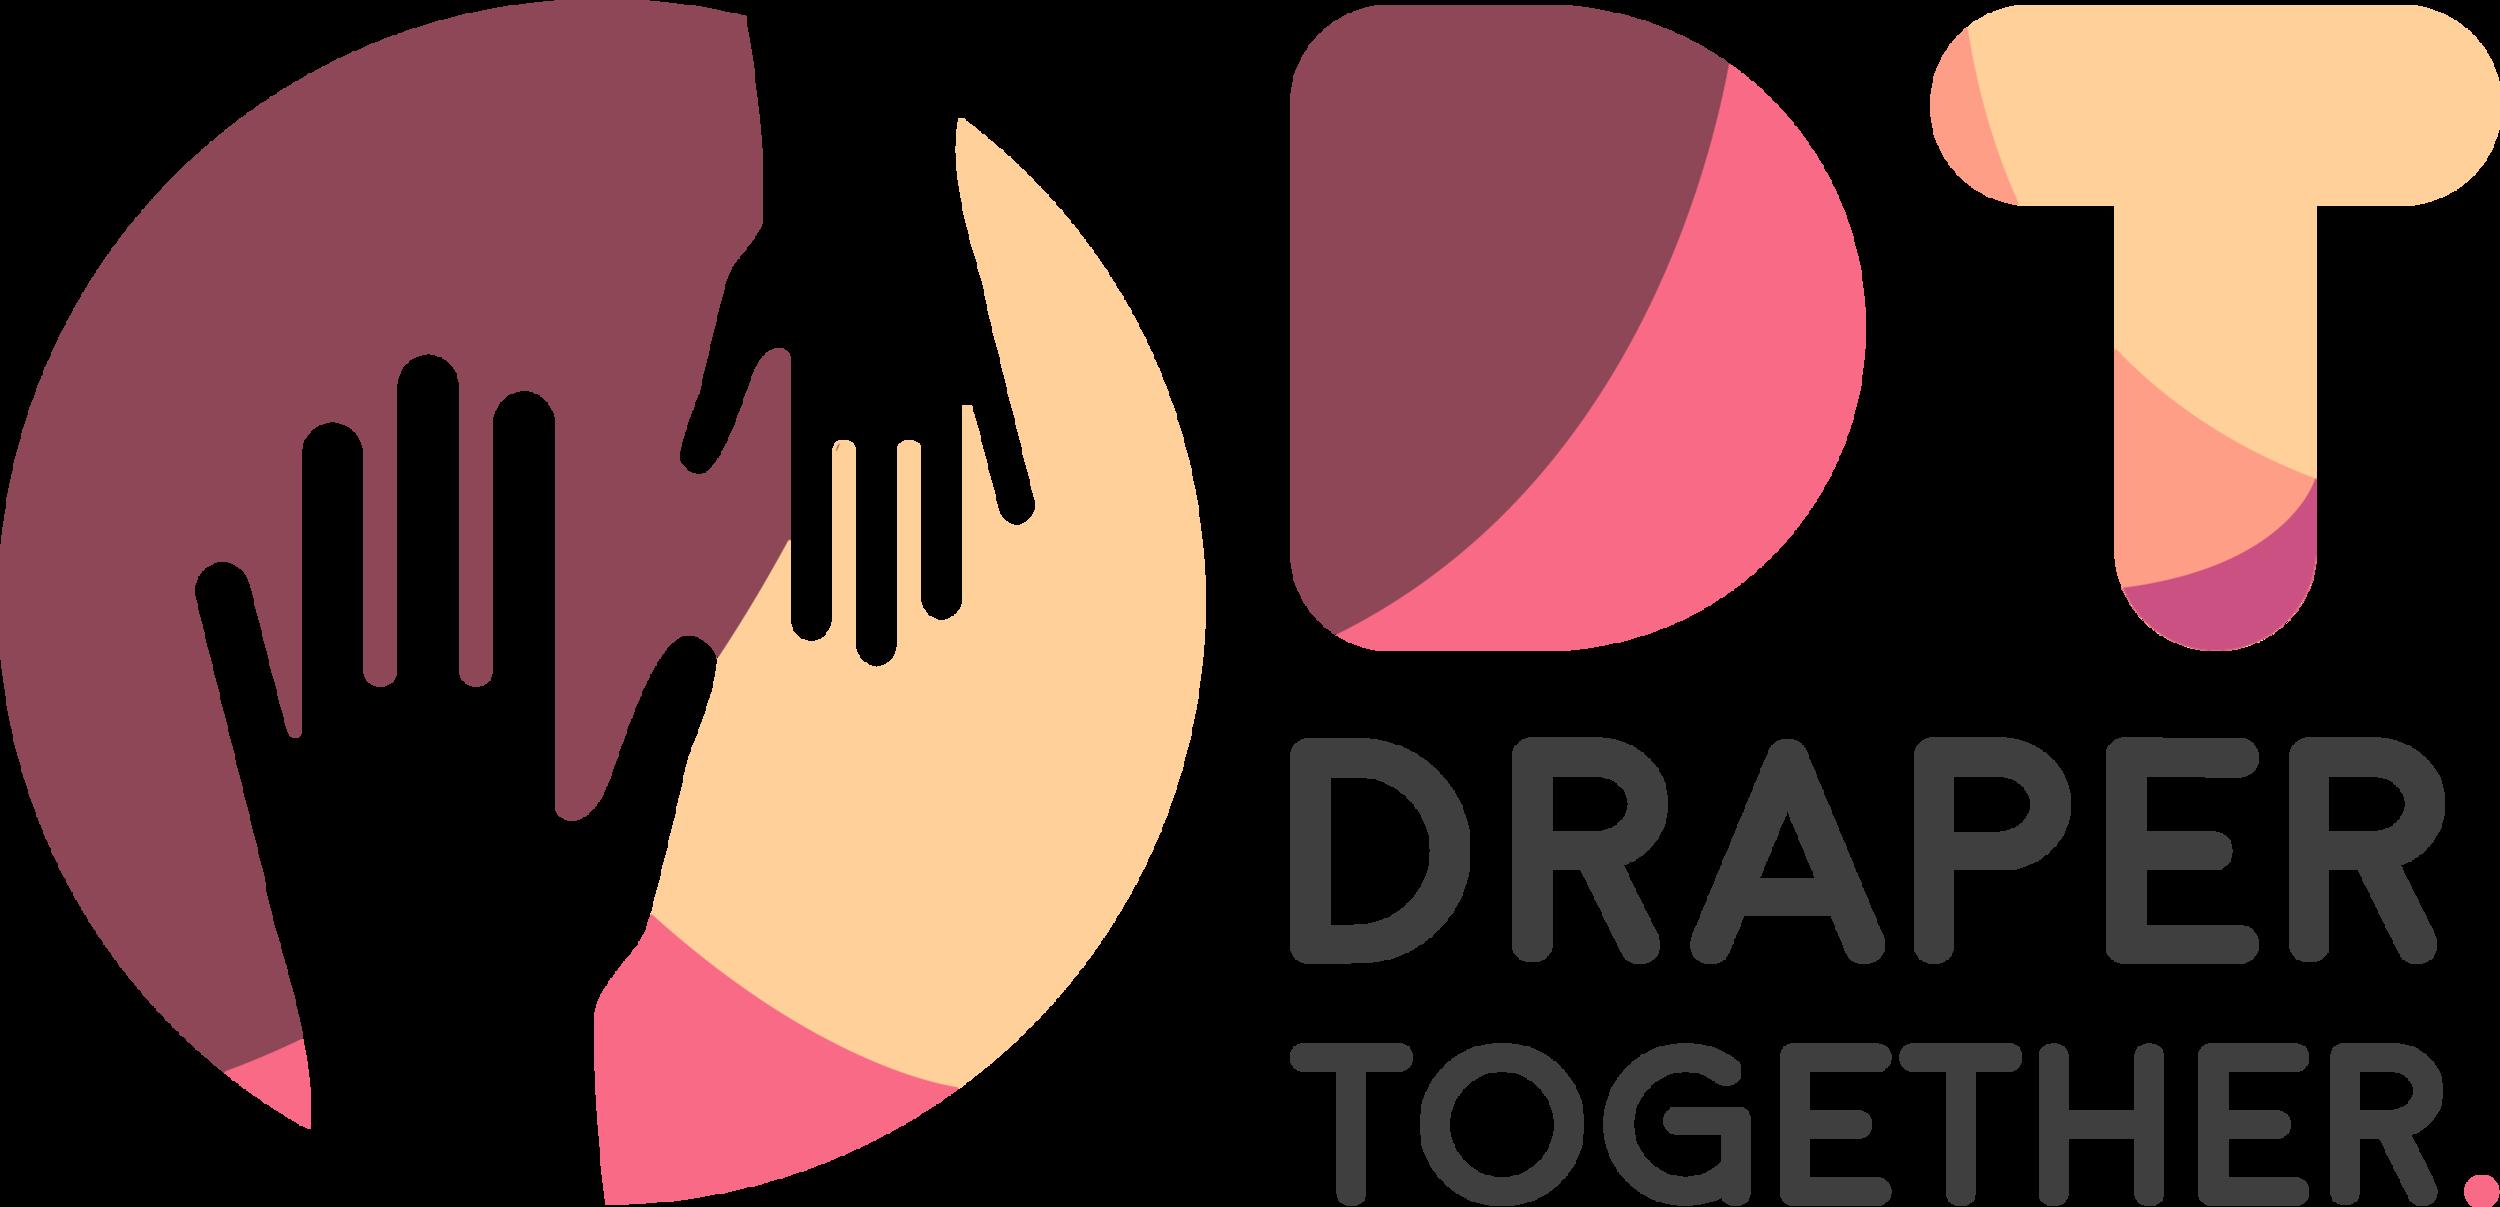 DraperTogether_Logo.png